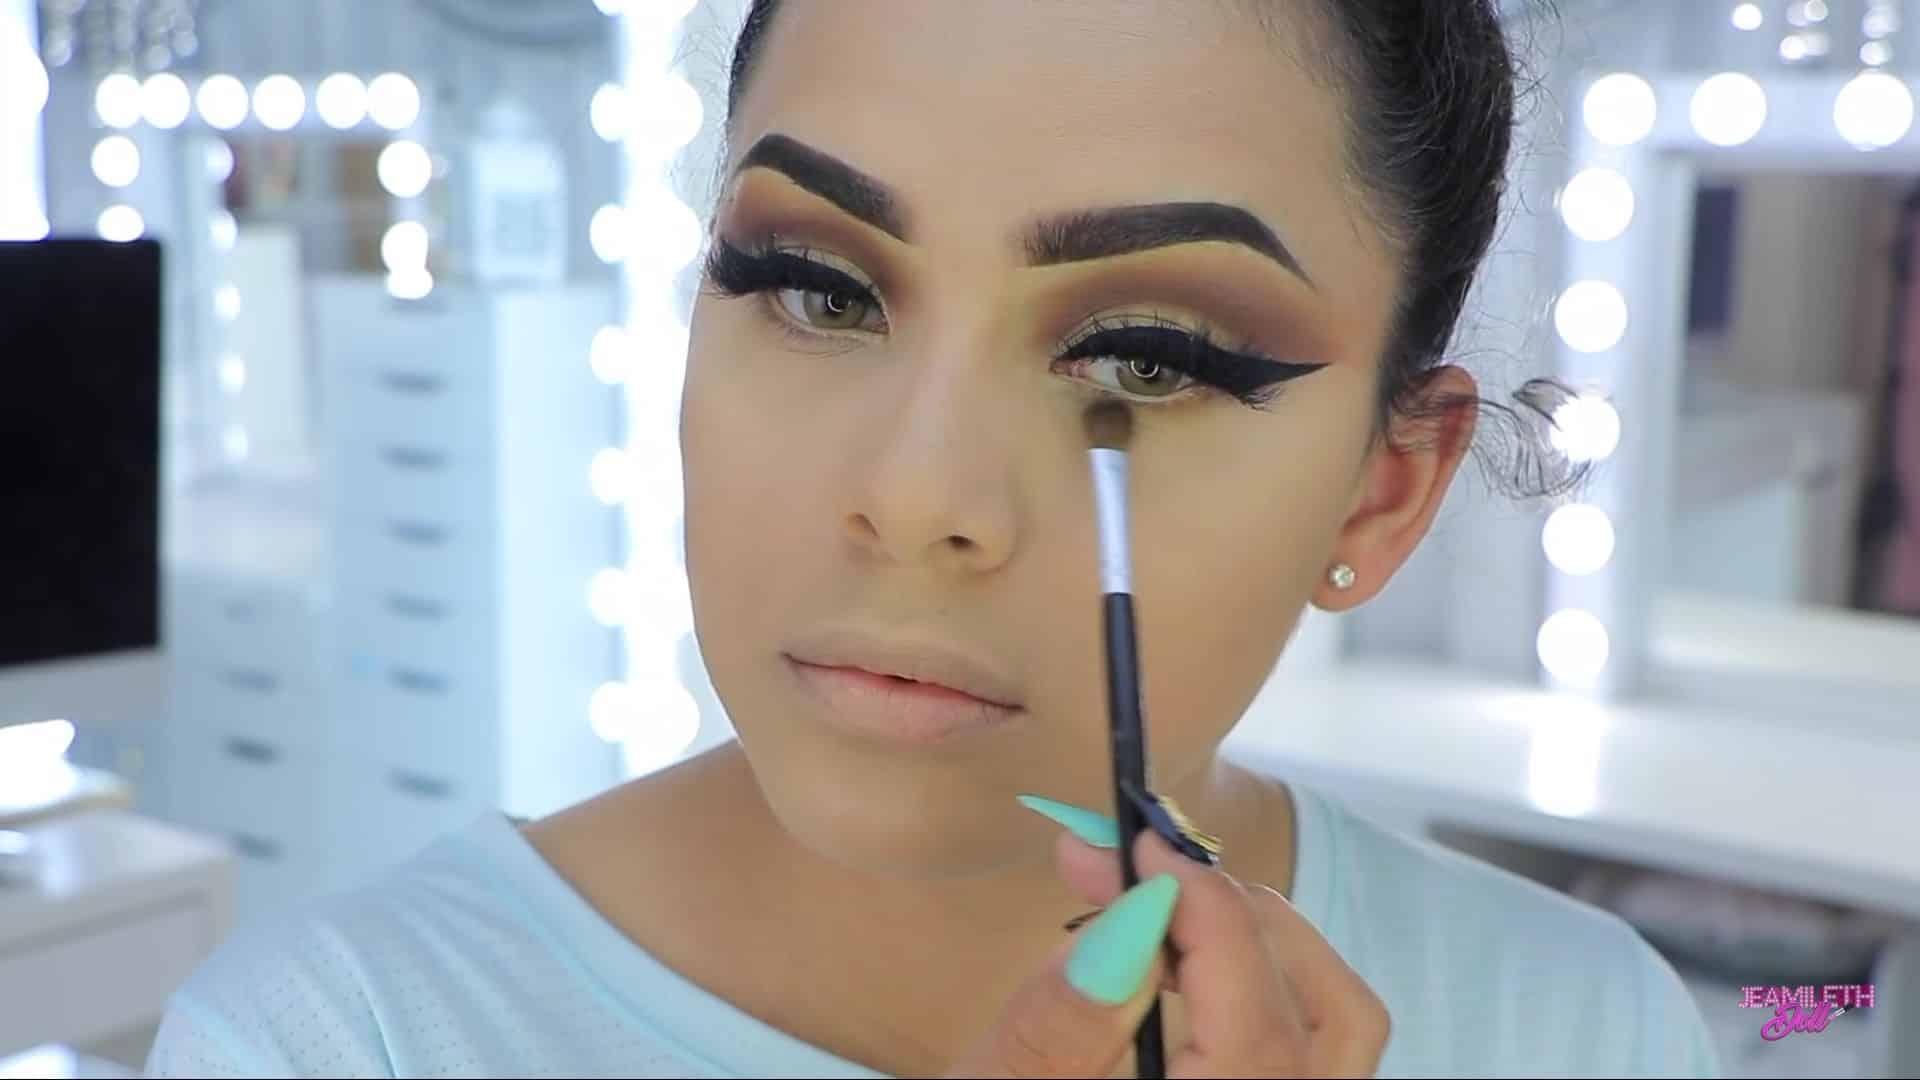 Maquillate como Jasmine facil y rapido Jeamileth Doll 2020, aplicar sombra por debajp del ojo.